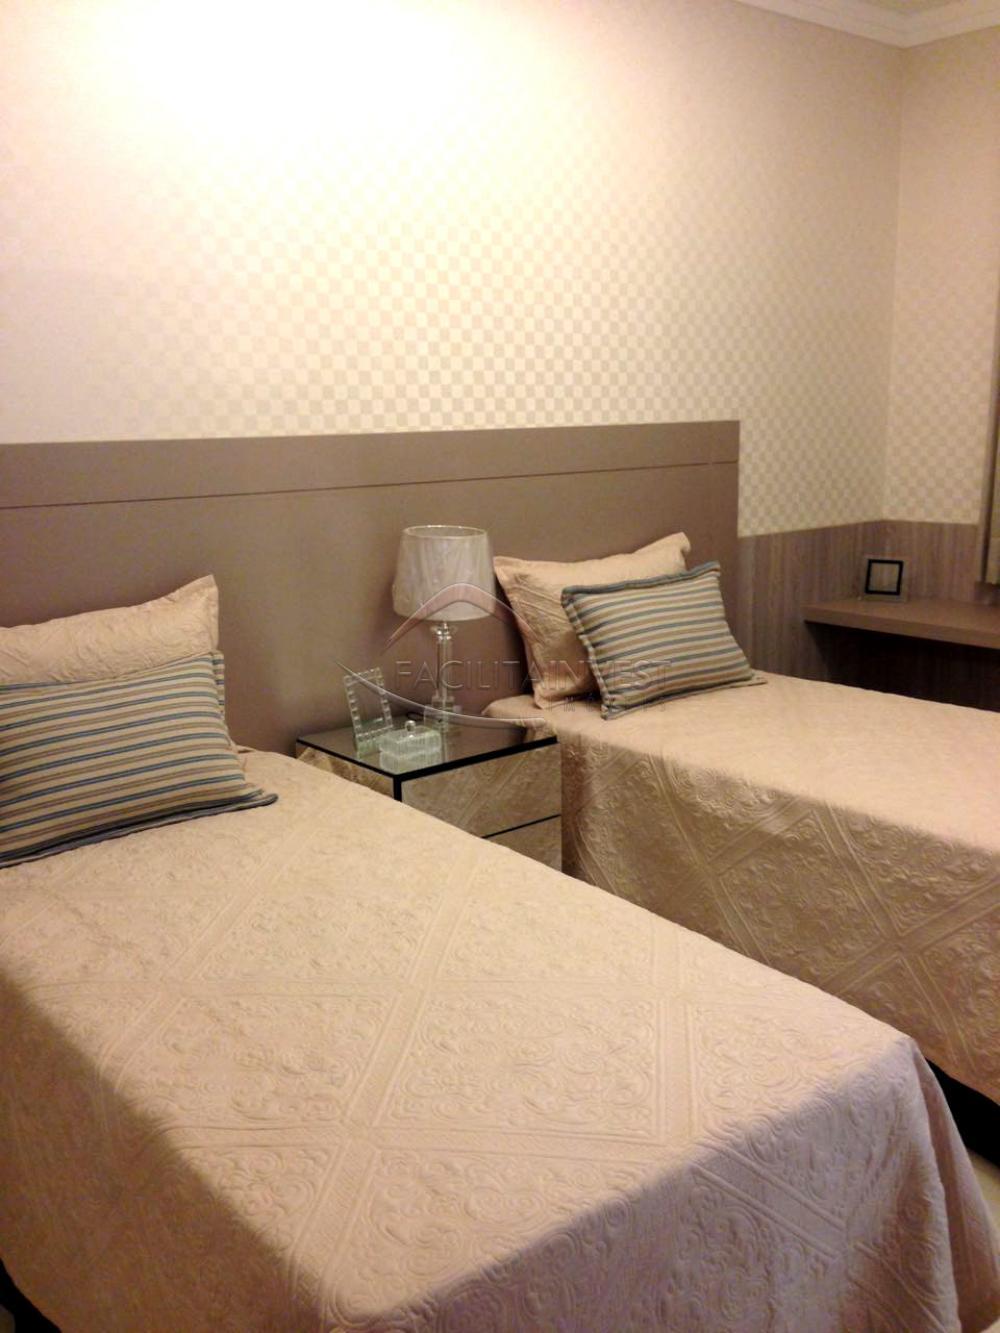 Comprar Lançamentos/ Empreendimentos em Construç / Apartamento padrão - Lançamento em Ribeirão Preto apenas R$ 958.391,00 - Foto 7